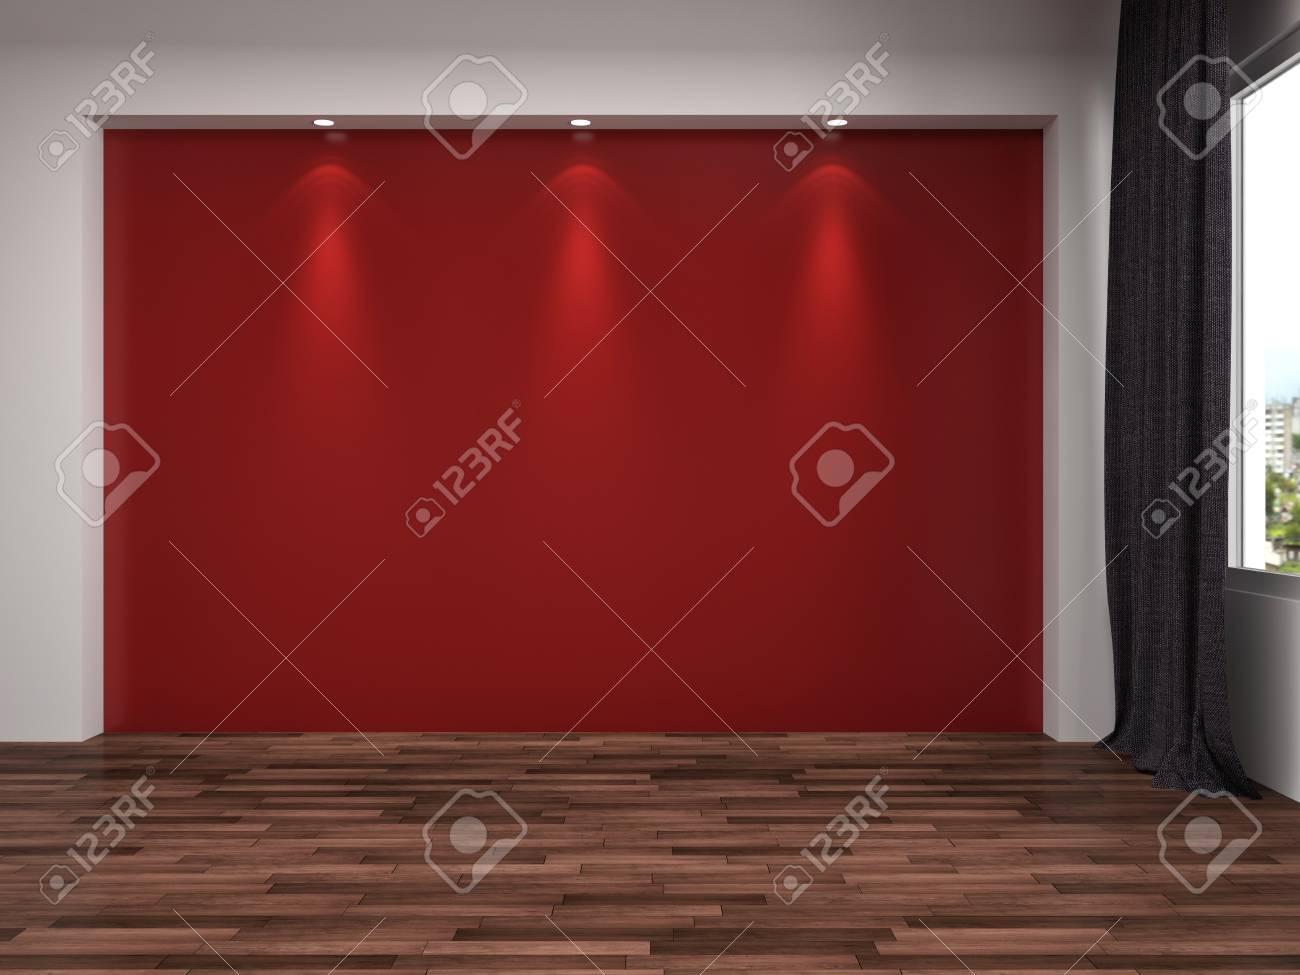 Interieur Mit Großem Fenster. 3D-Darstellung Lizenzfreie Fotos ...